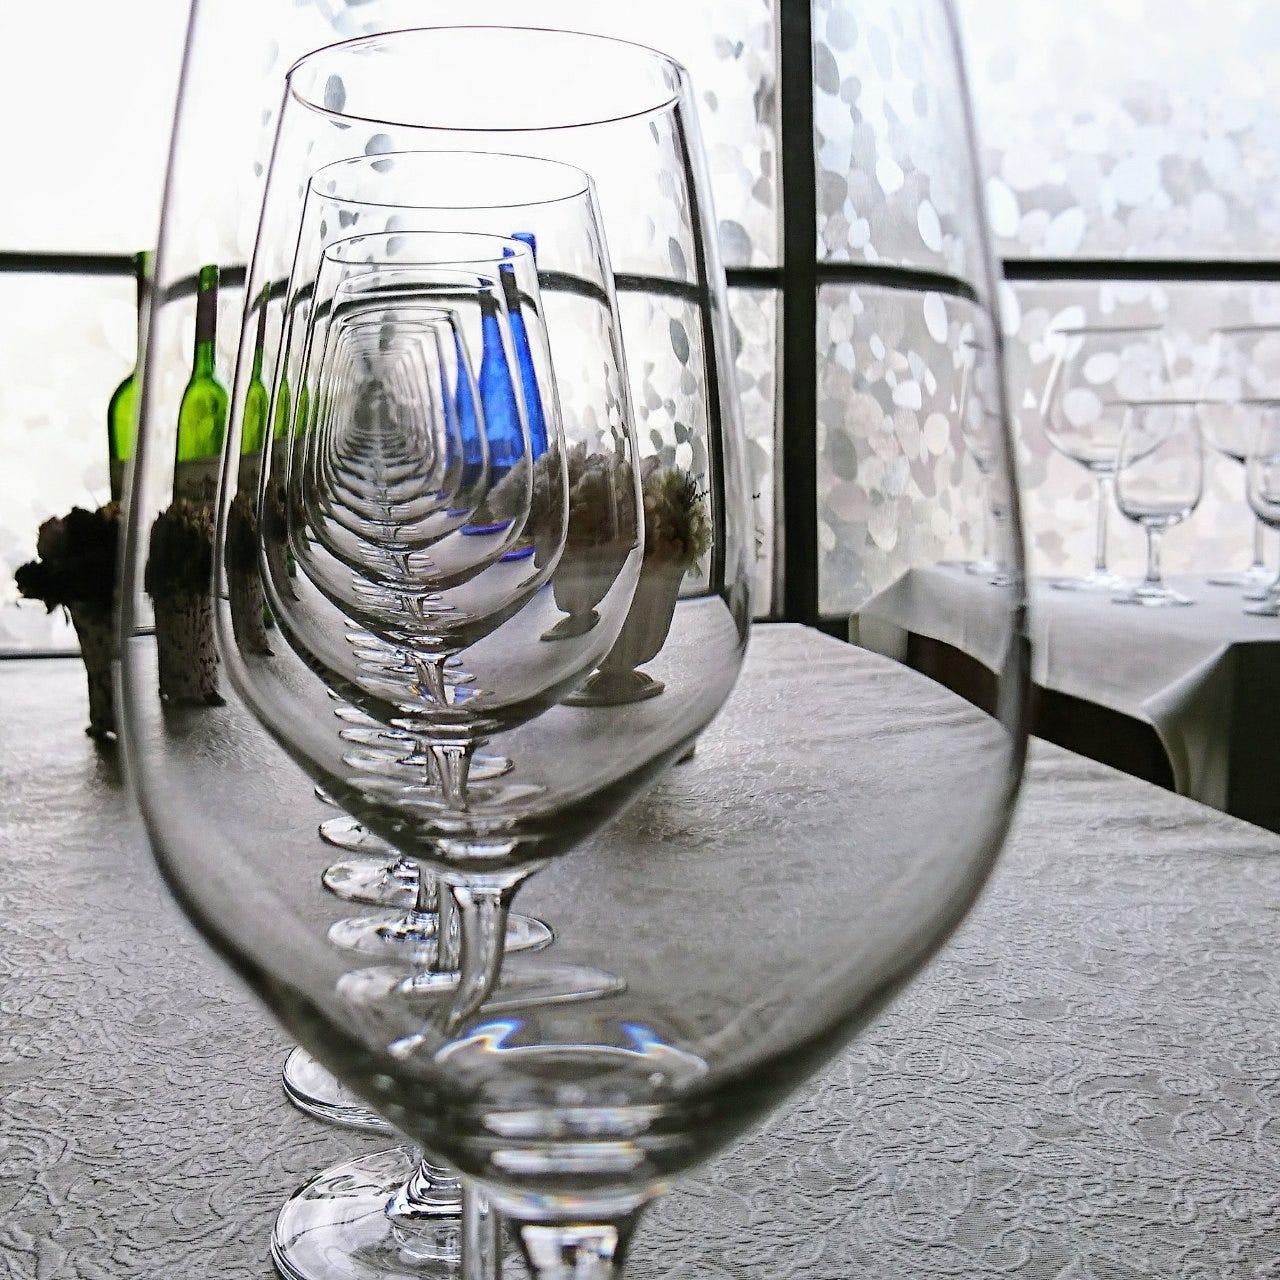 難しそうなワインの世界 本当は簡単で、すごく楽しい♪